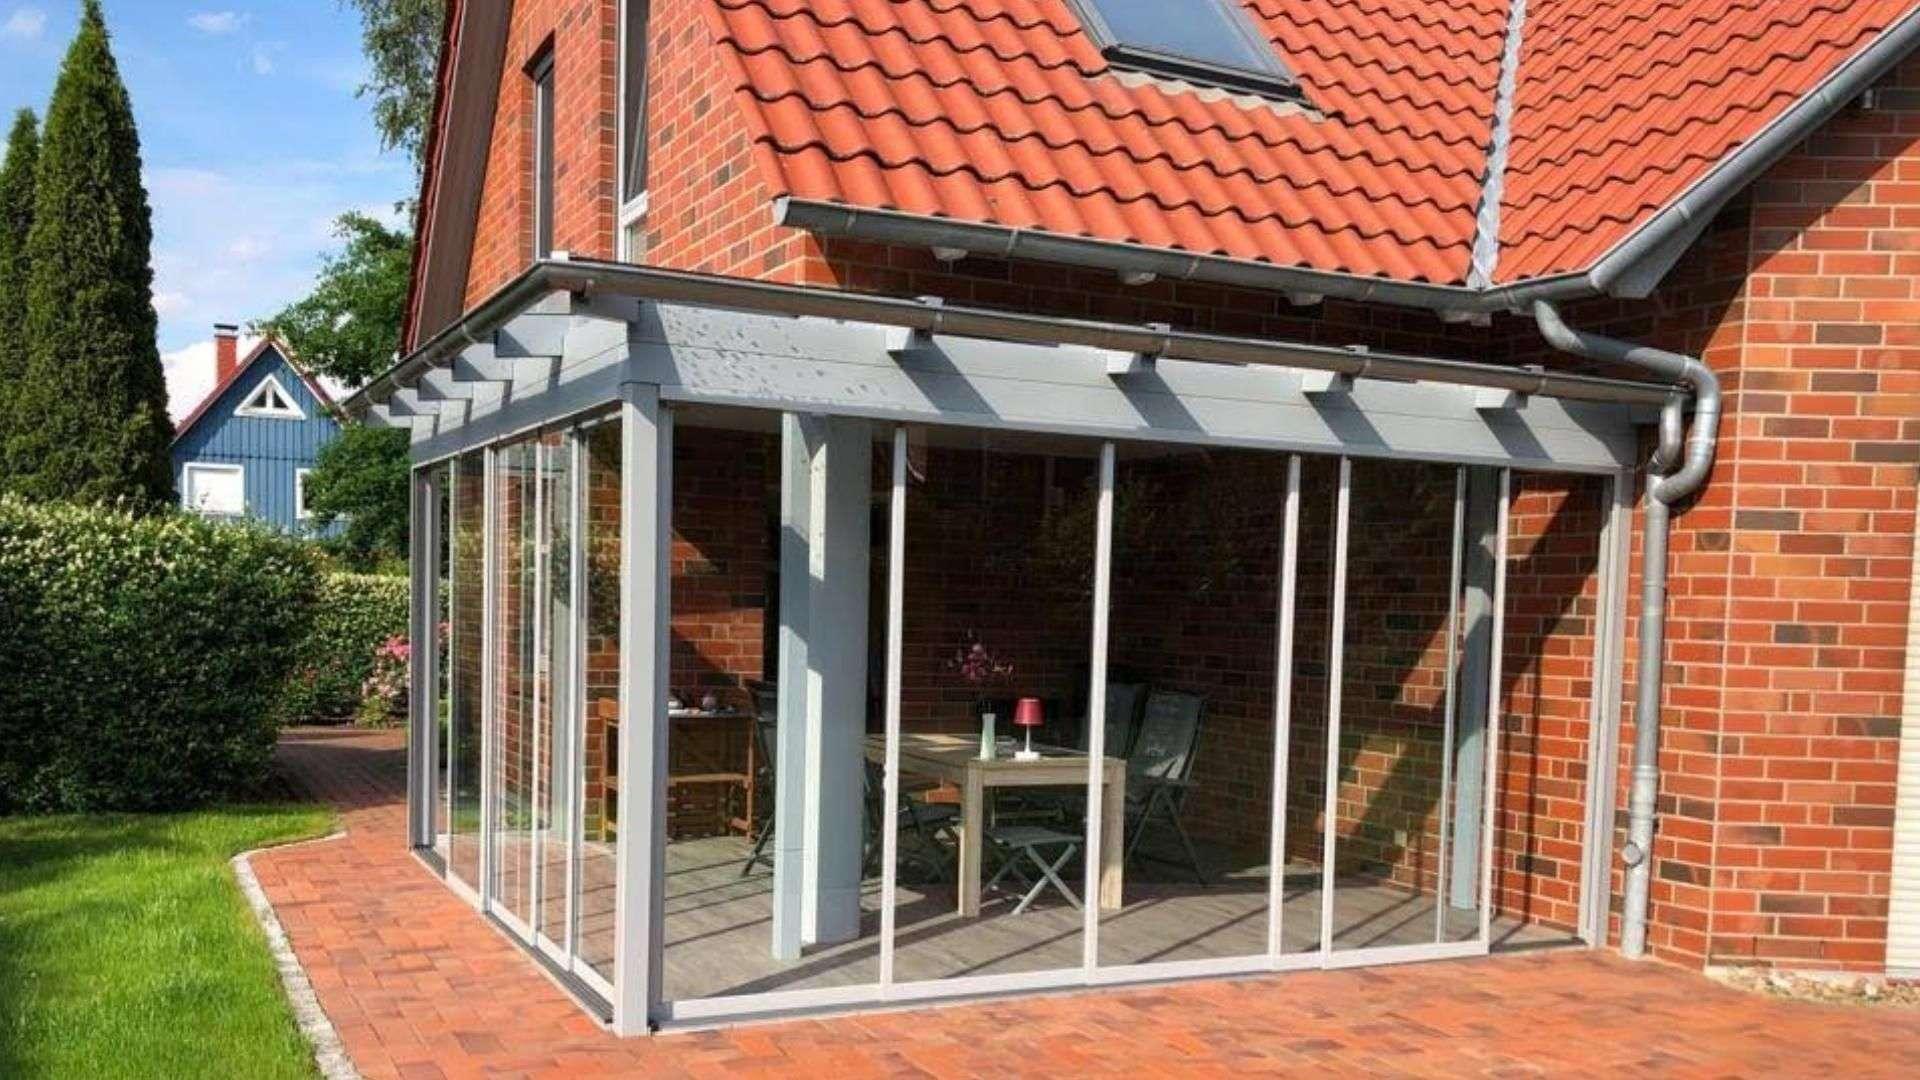 Glashaus an einem Einfamilienhaus